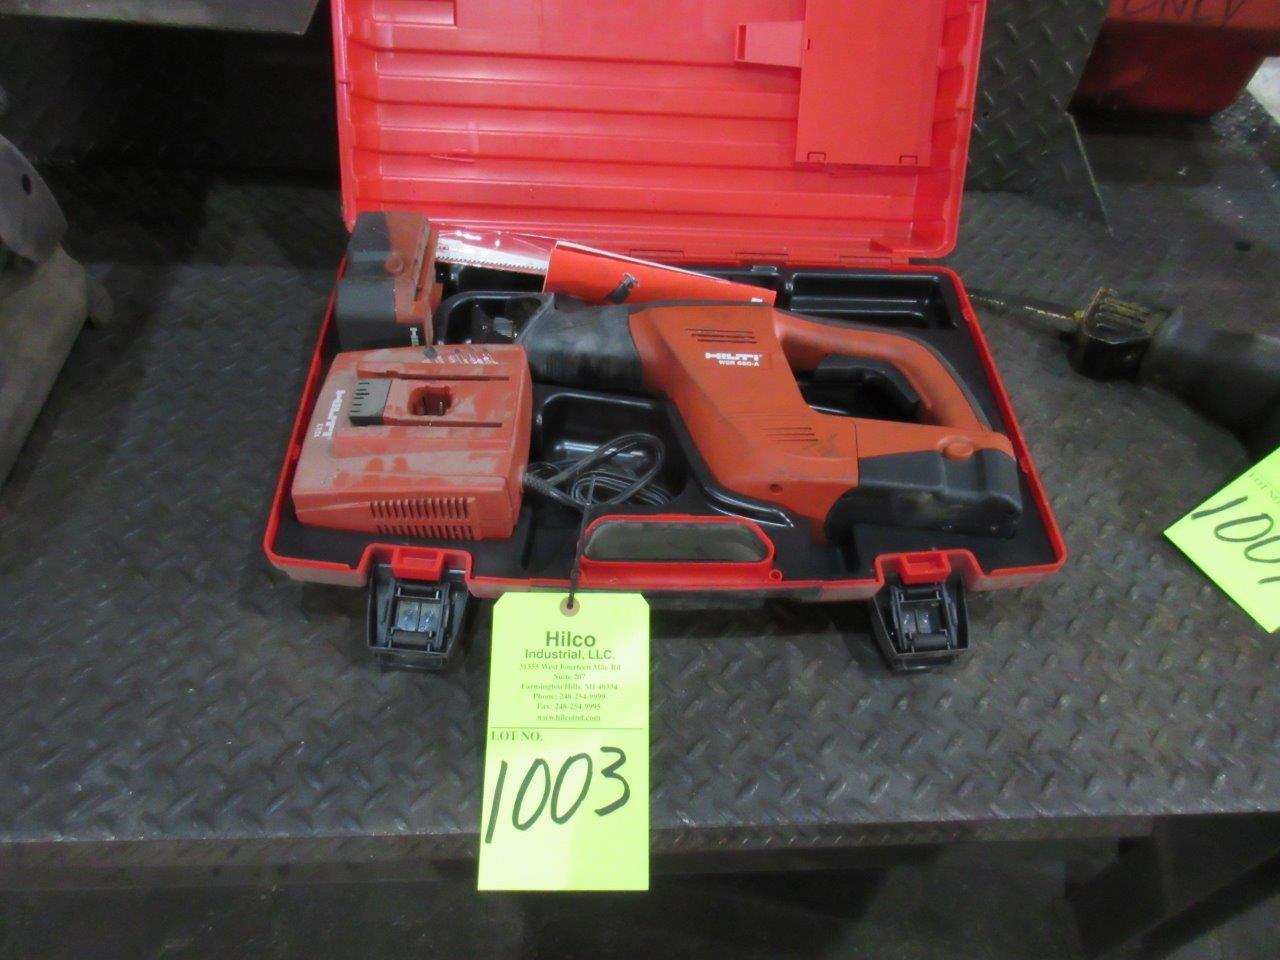 Lot 1003 - Hilti Model WSR 650-A 24 Volt Cordless Reciprocating Saw